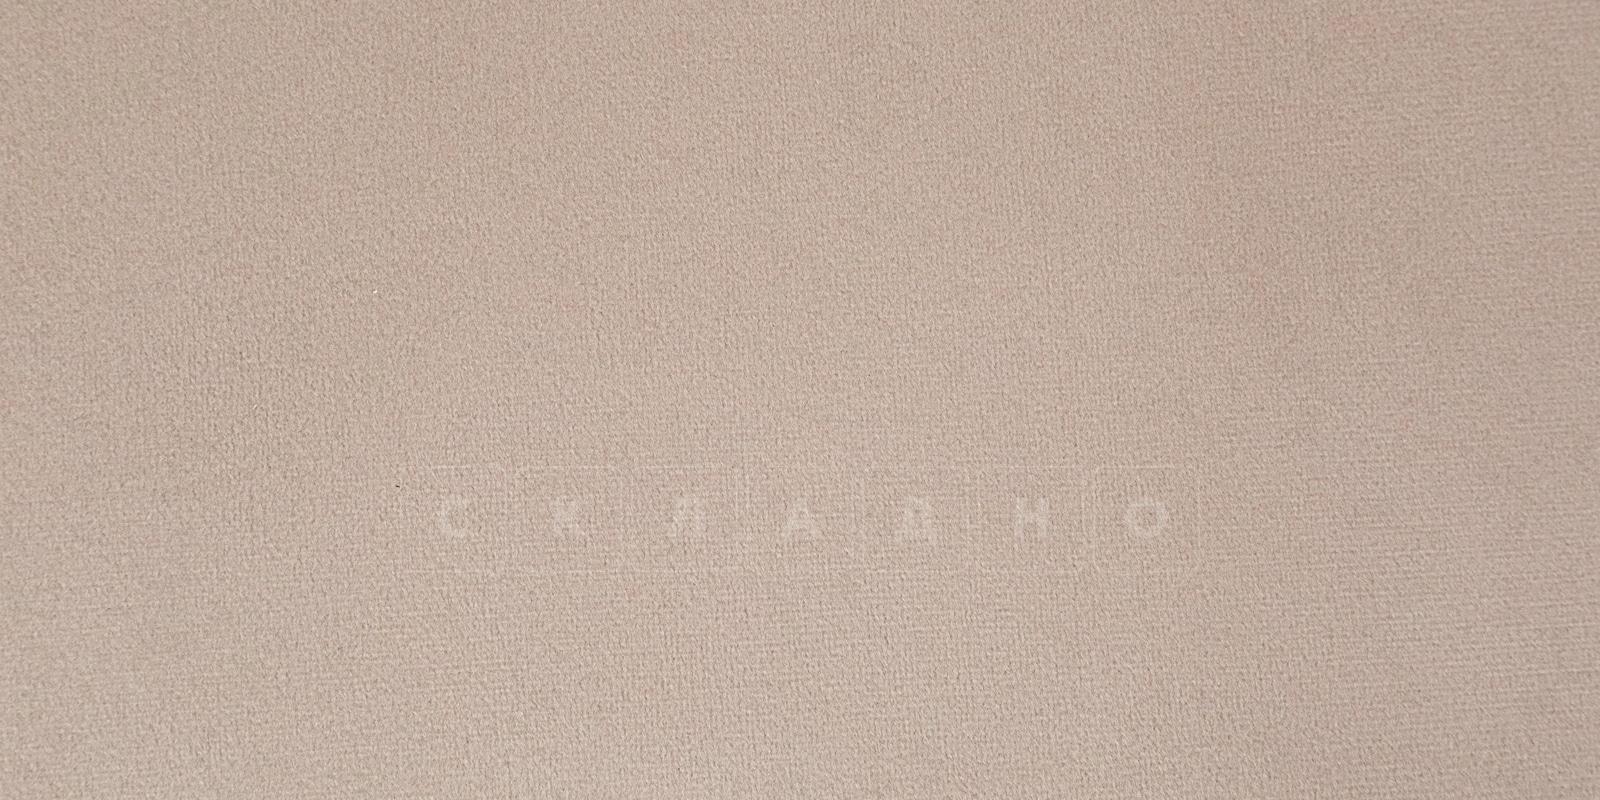 Угловой диван Эвита велюр бежевый правый угол фото 8 | интернет-магазин Складно